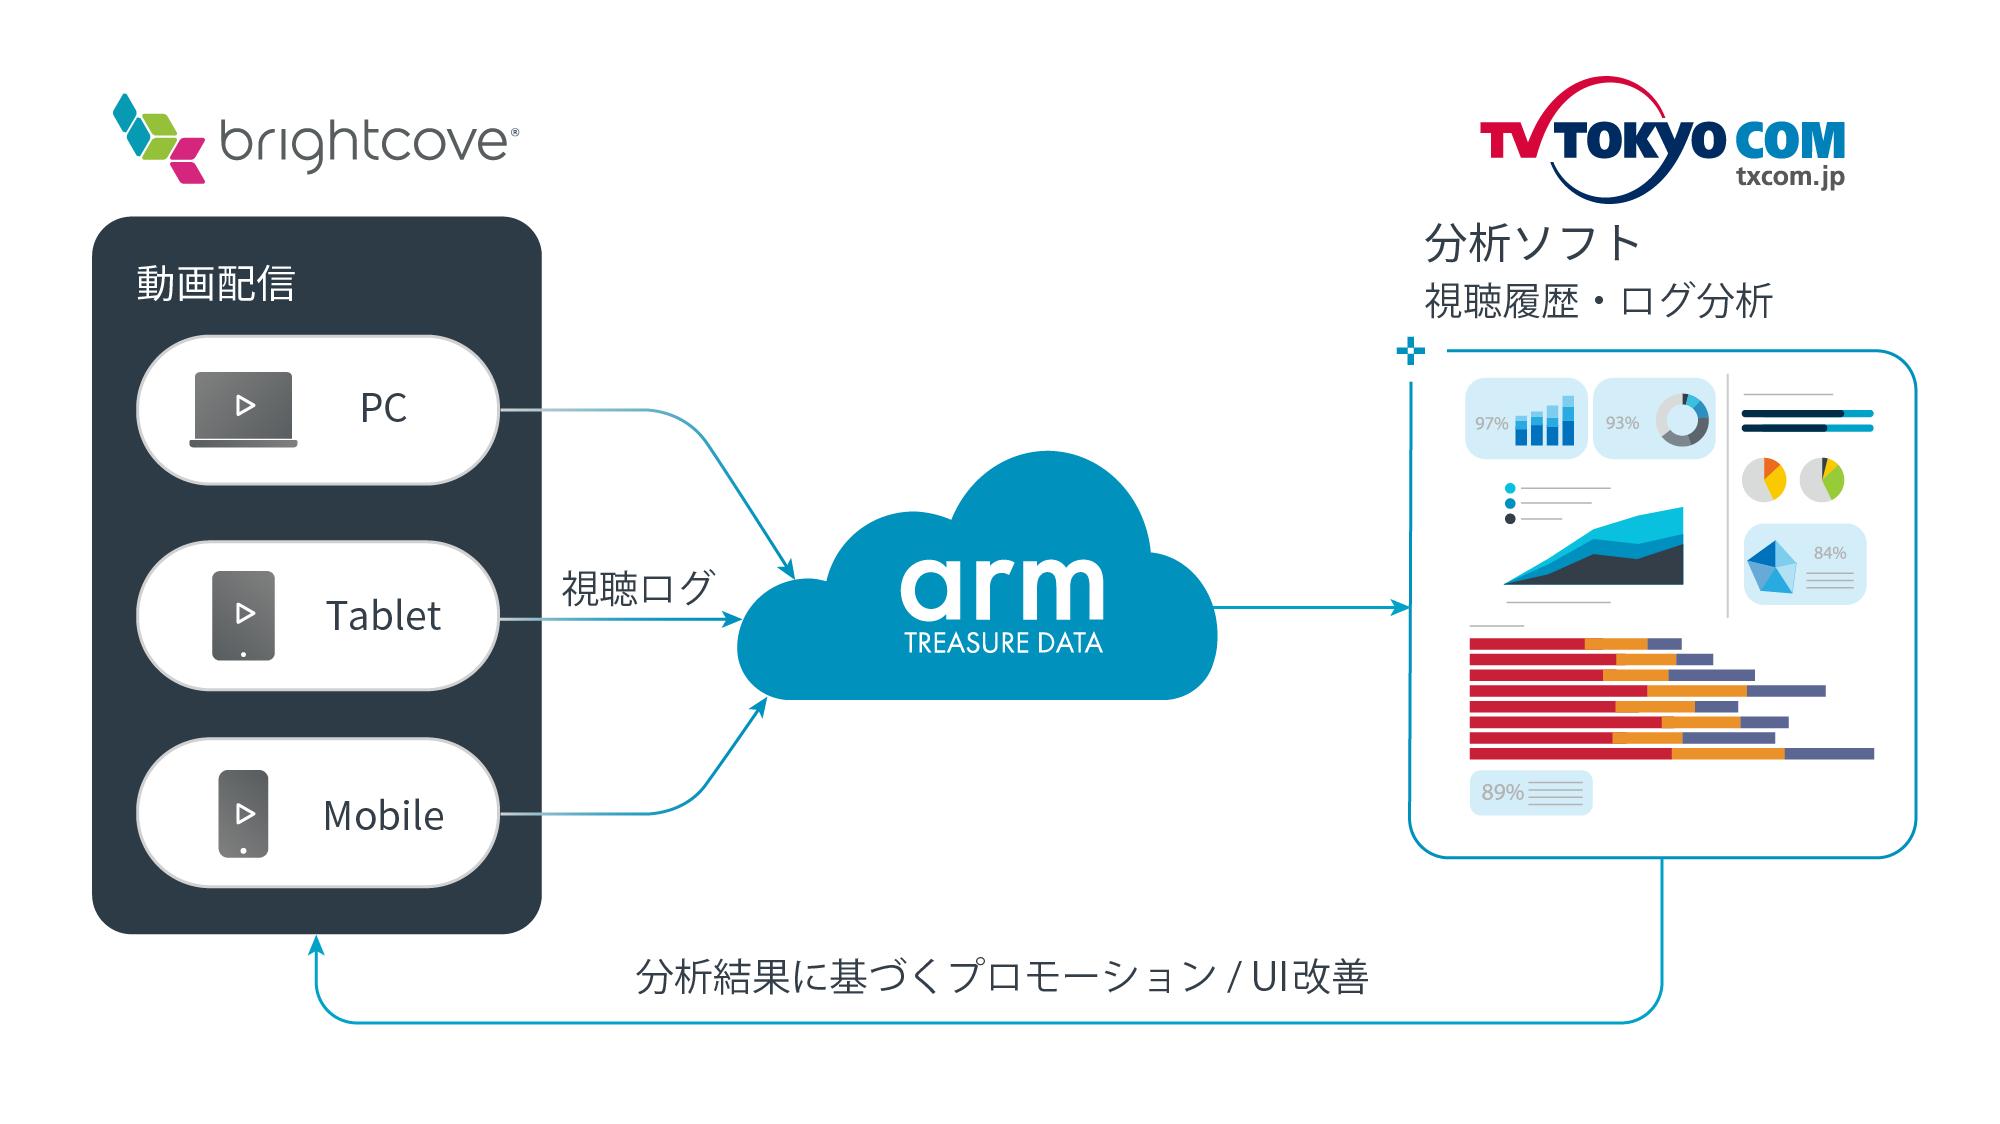 テレビ東京コミュニケーションズ